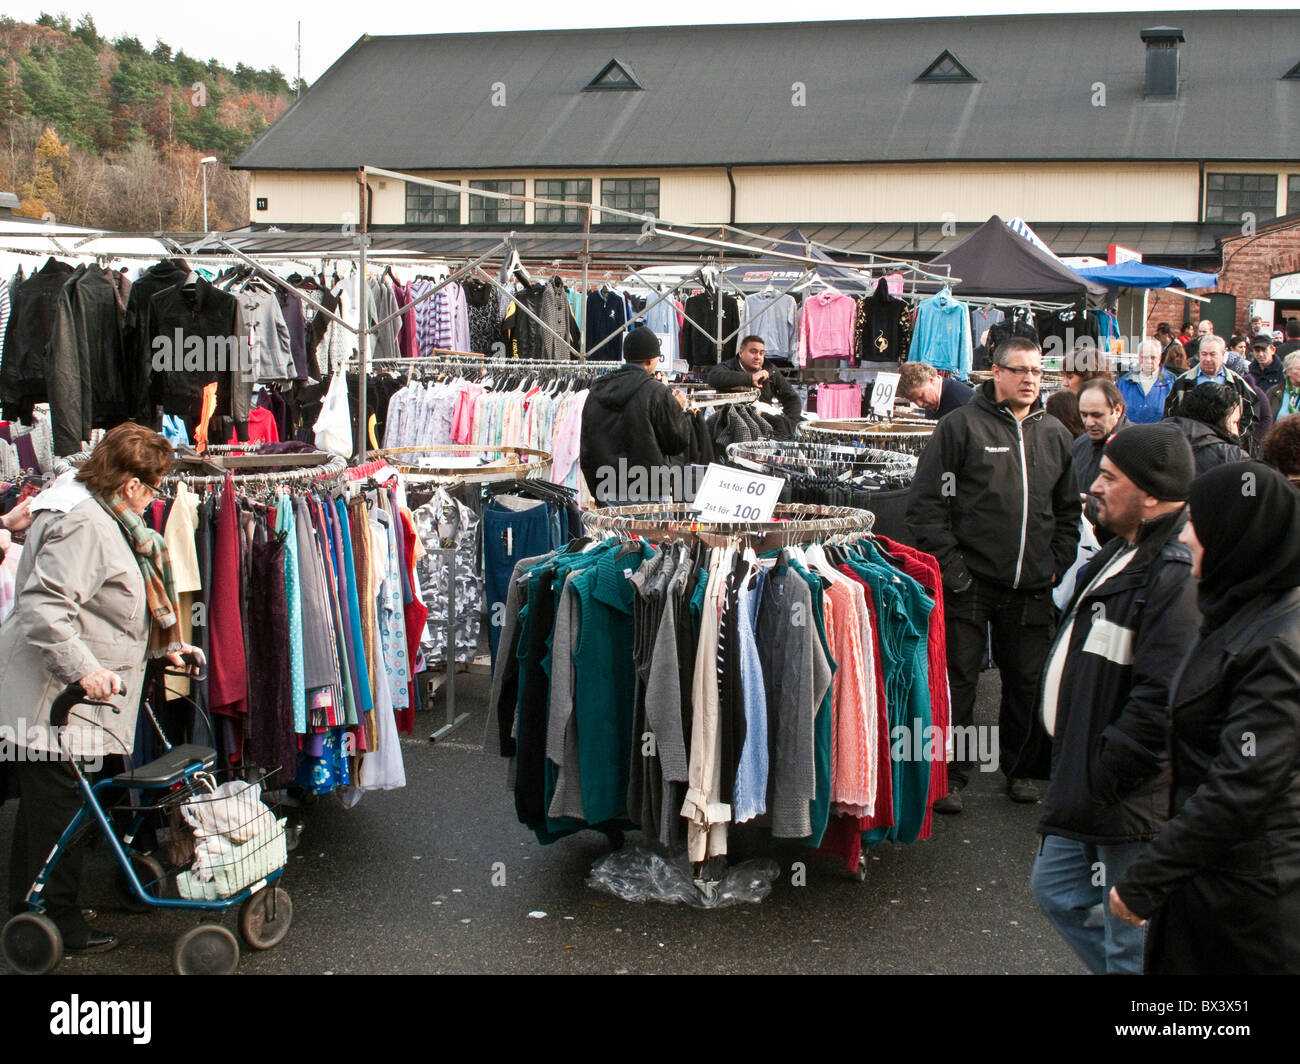 Cut-rate goods displayed at Kviberg flea market in outskirt of Gothenburg, Sweden. - Stock Image